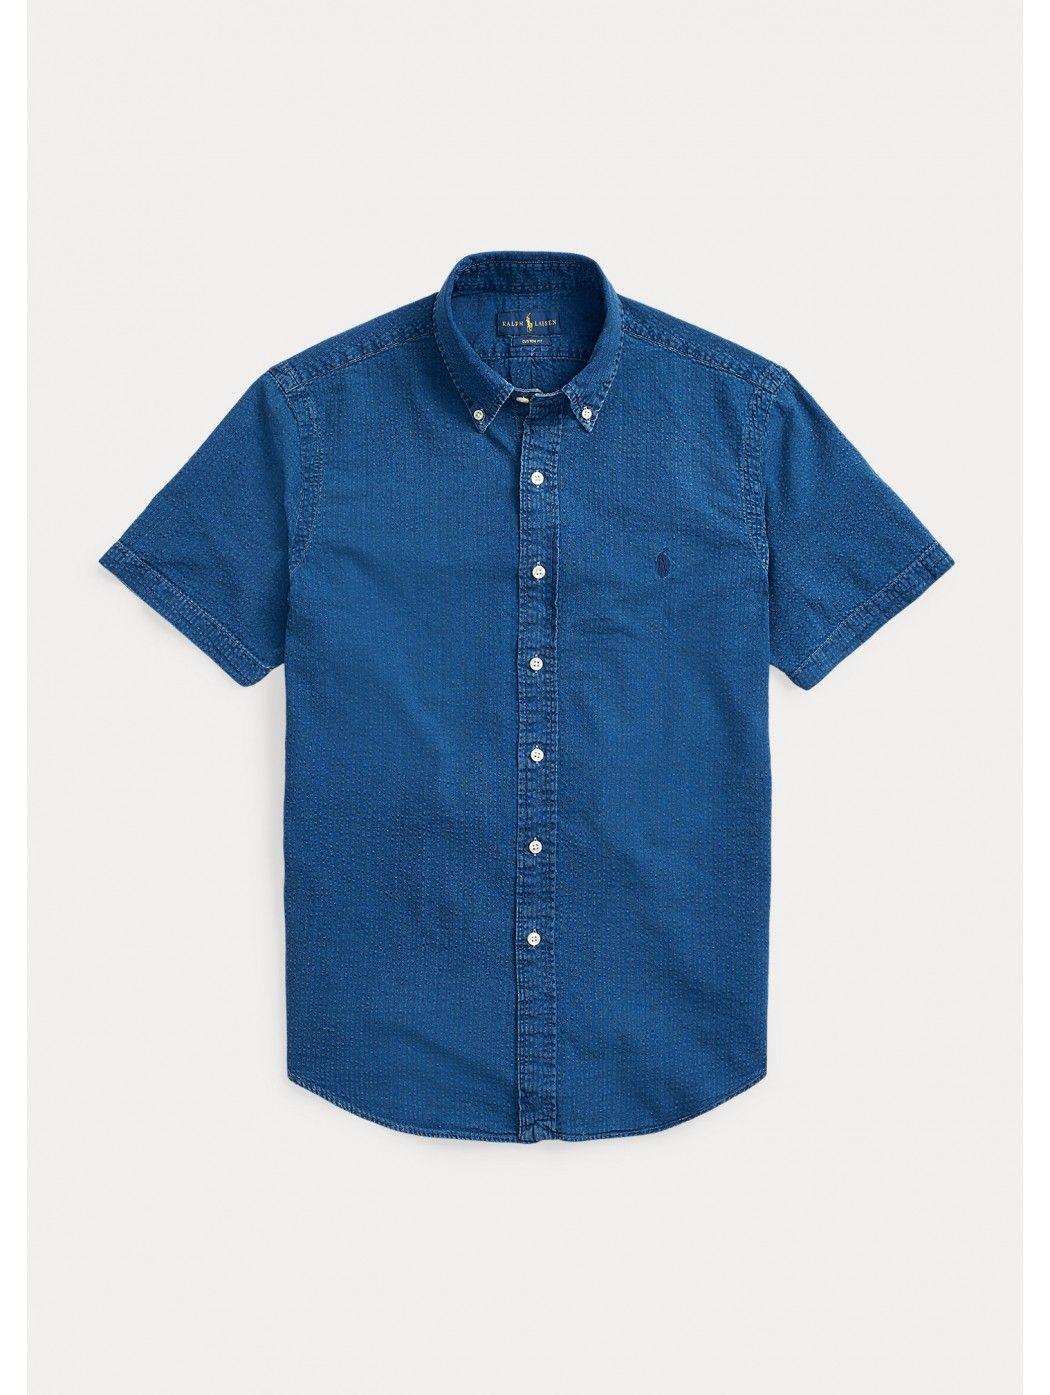 Camicia in seersucker Slim-Fit POLO RALPH LAUREN UOMO 710795252 003